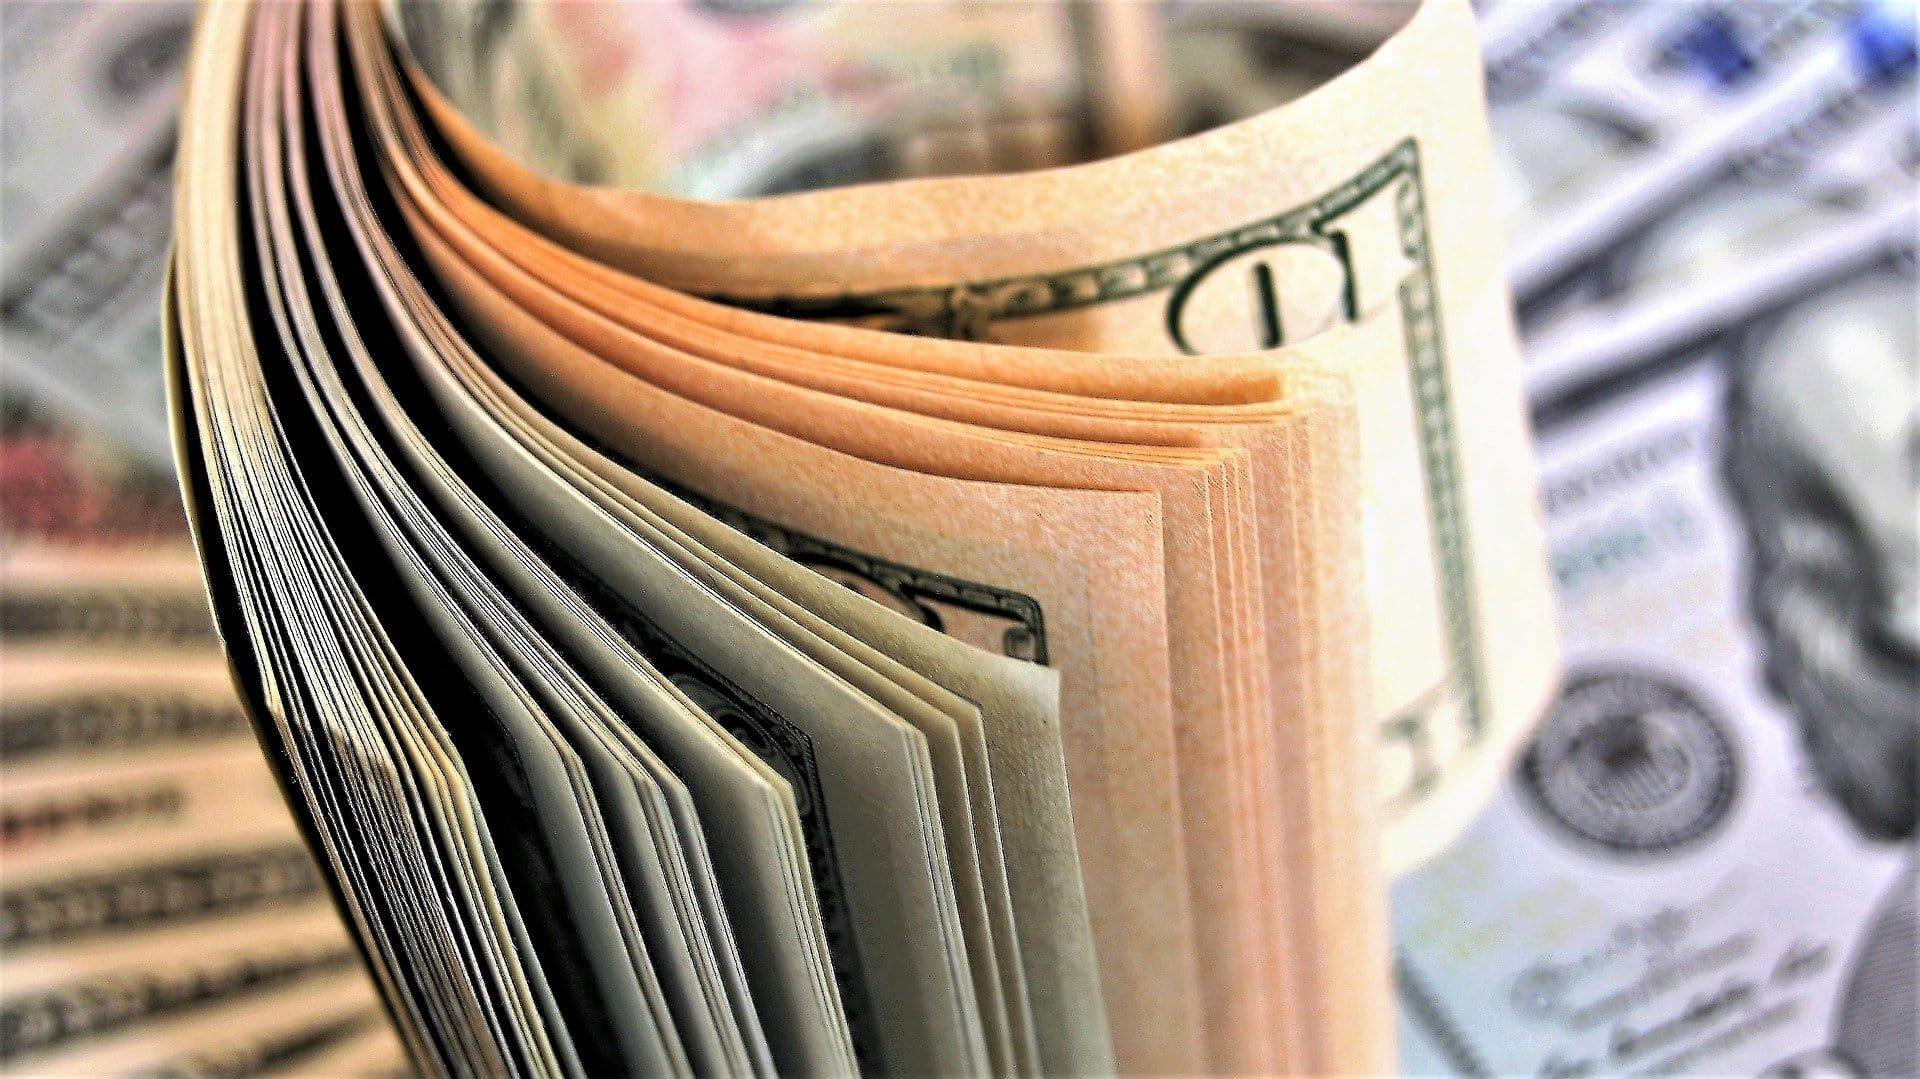 pieteikums, lai ātri un viegli nopelnītu naudu